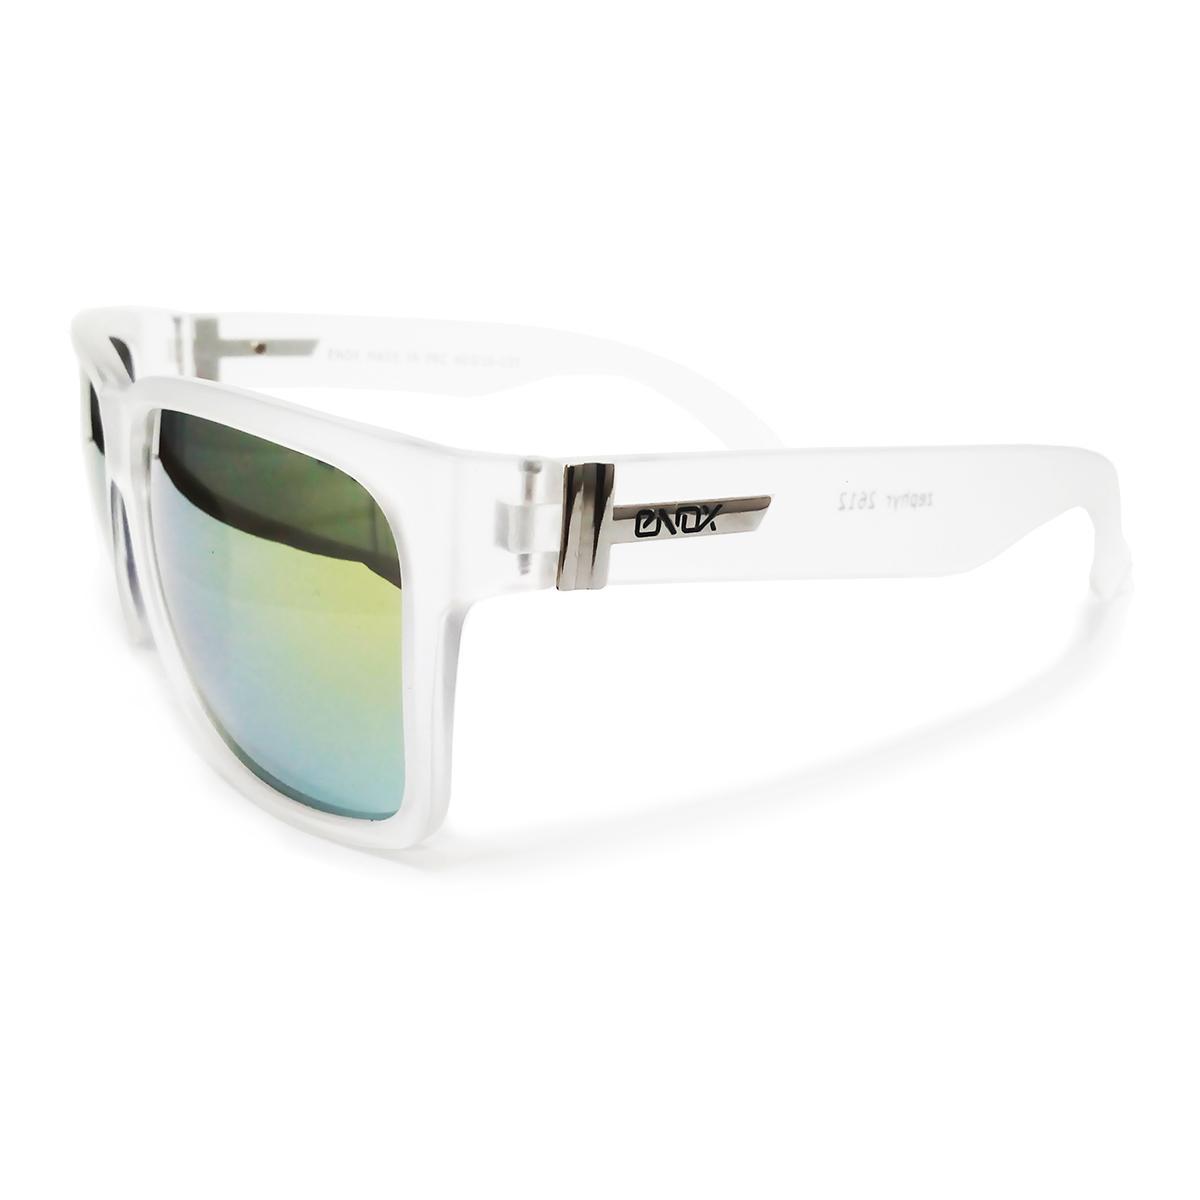 08ea5bc47 Óculos de Sol Zephyr 2612 - Enox R$ 29,90 à vista. Adicionar à sacola